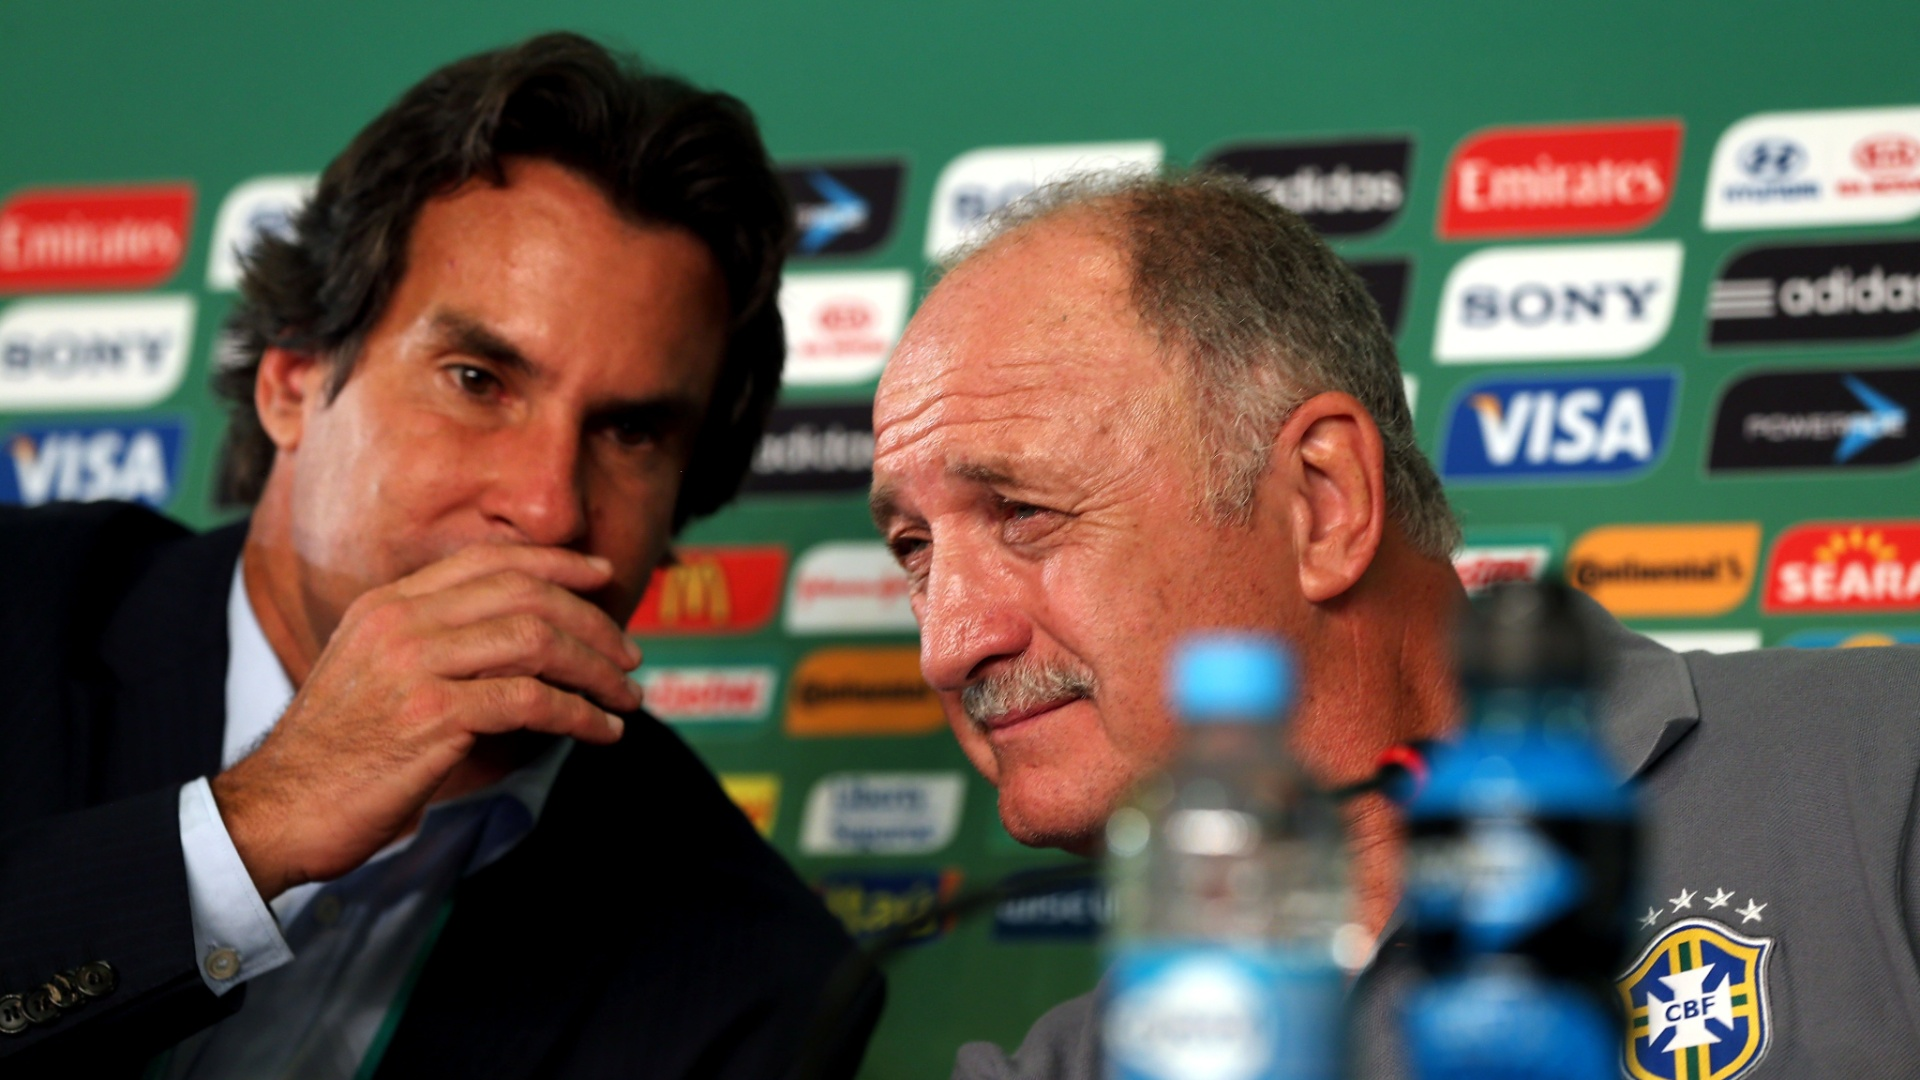 18.jun.2013 - Técnico Luiz Felipe Scolari conversa com o assessor de imprensa da CBF Rodrigo Paiva